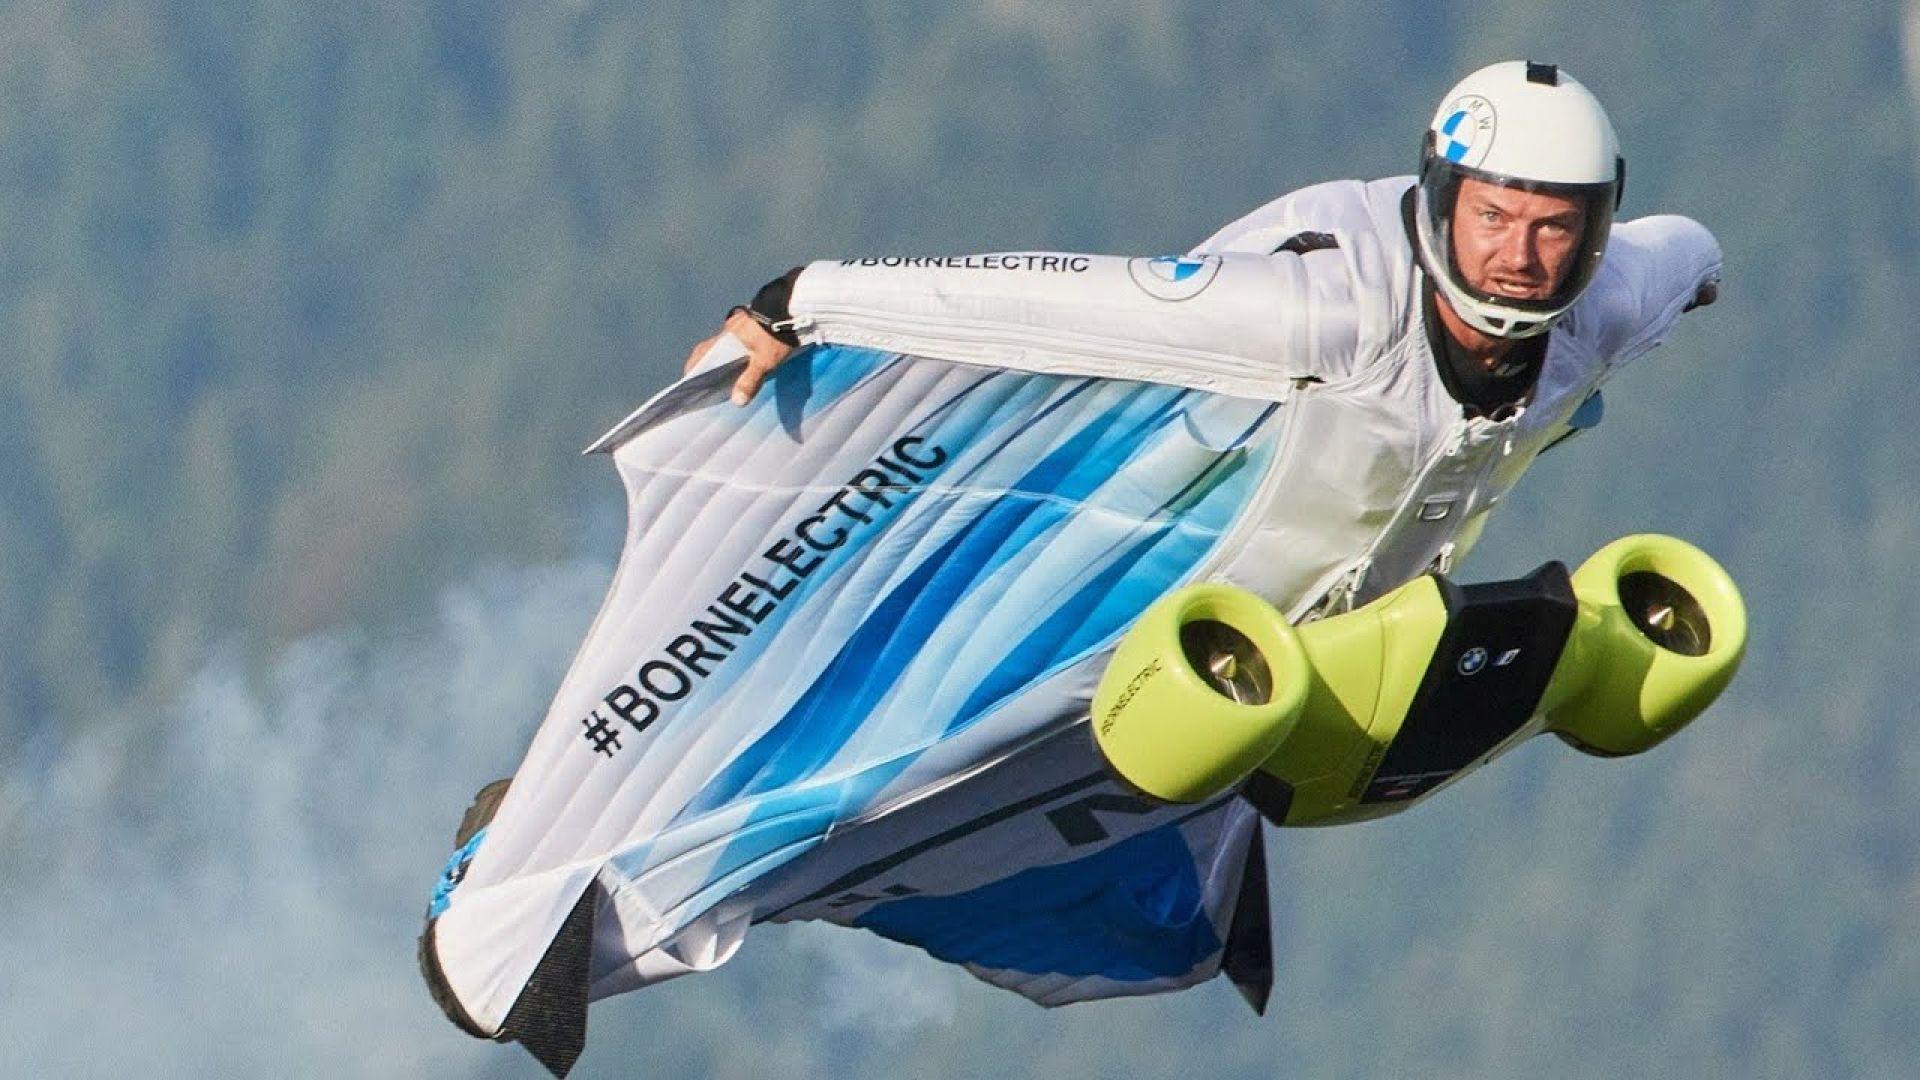 Електрически крилат костюм ви позволява да летите с 300 км/ч